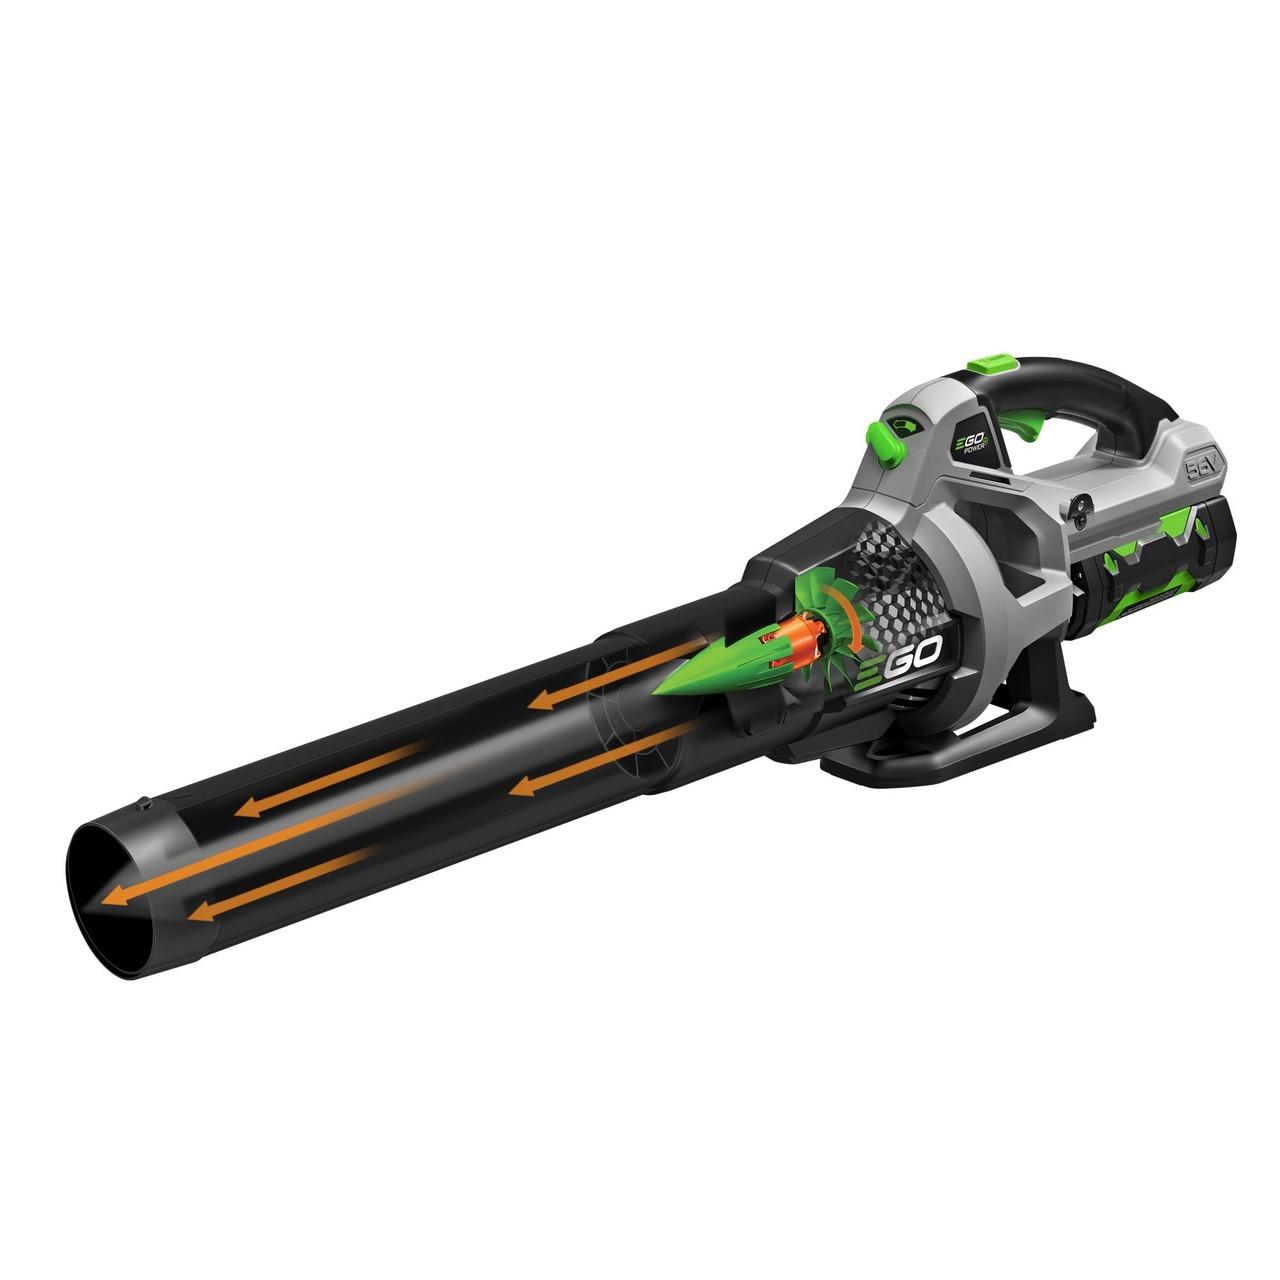 Battery Powered Blower : Ego power v cordless blower ah battery lb e kit